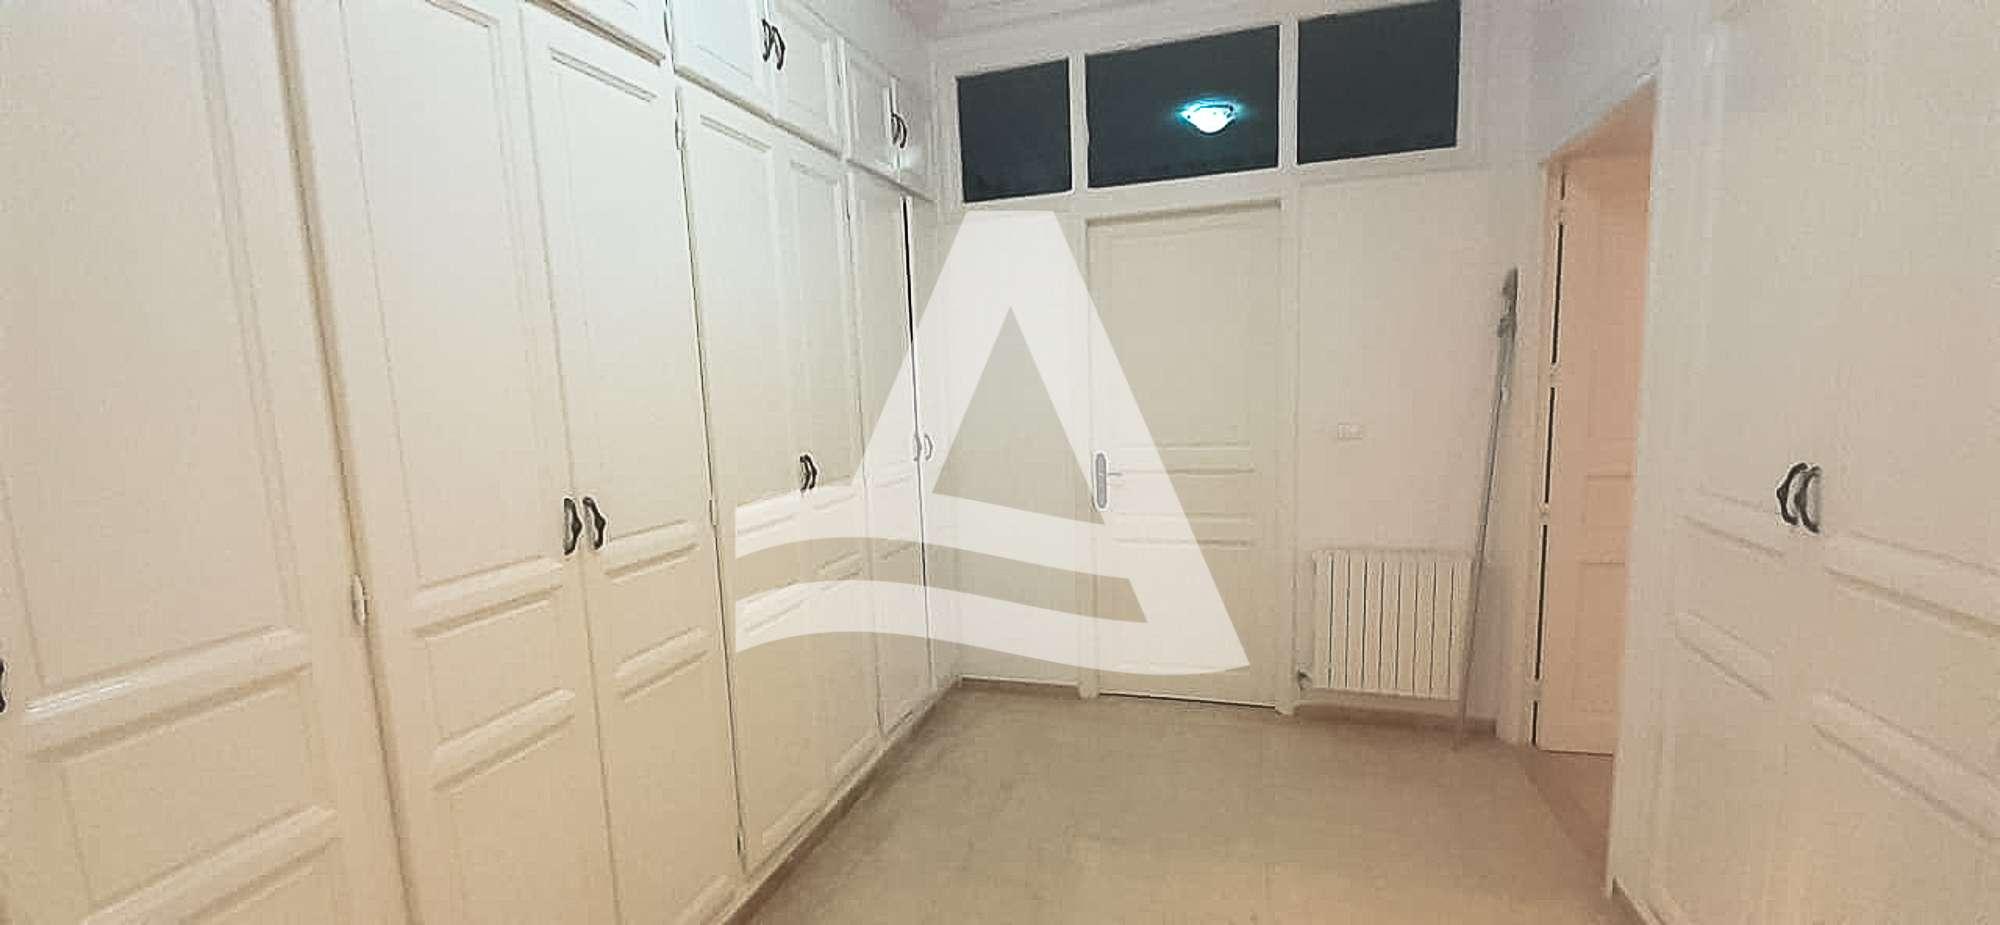 httpss3.amazonaws.comlogimoaws_Arcane_immobilière_la_Marsa-_location_-_vente_la_marsa__-15_1583429653037